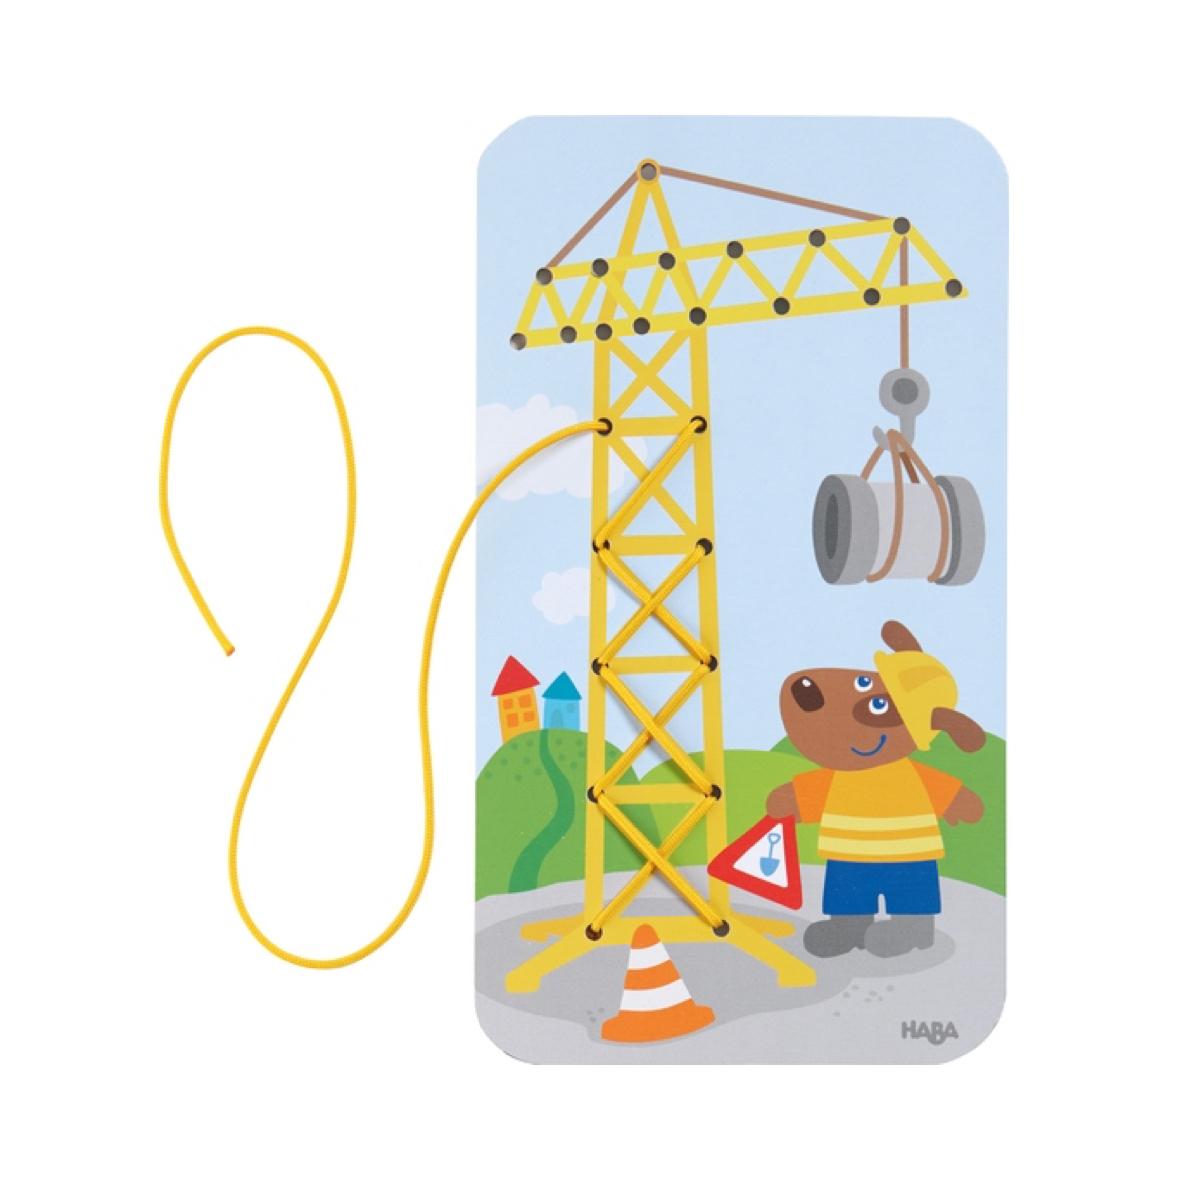 juego-de-ensartar-grua-de-las-obras-haba-el-mundo-de-mico